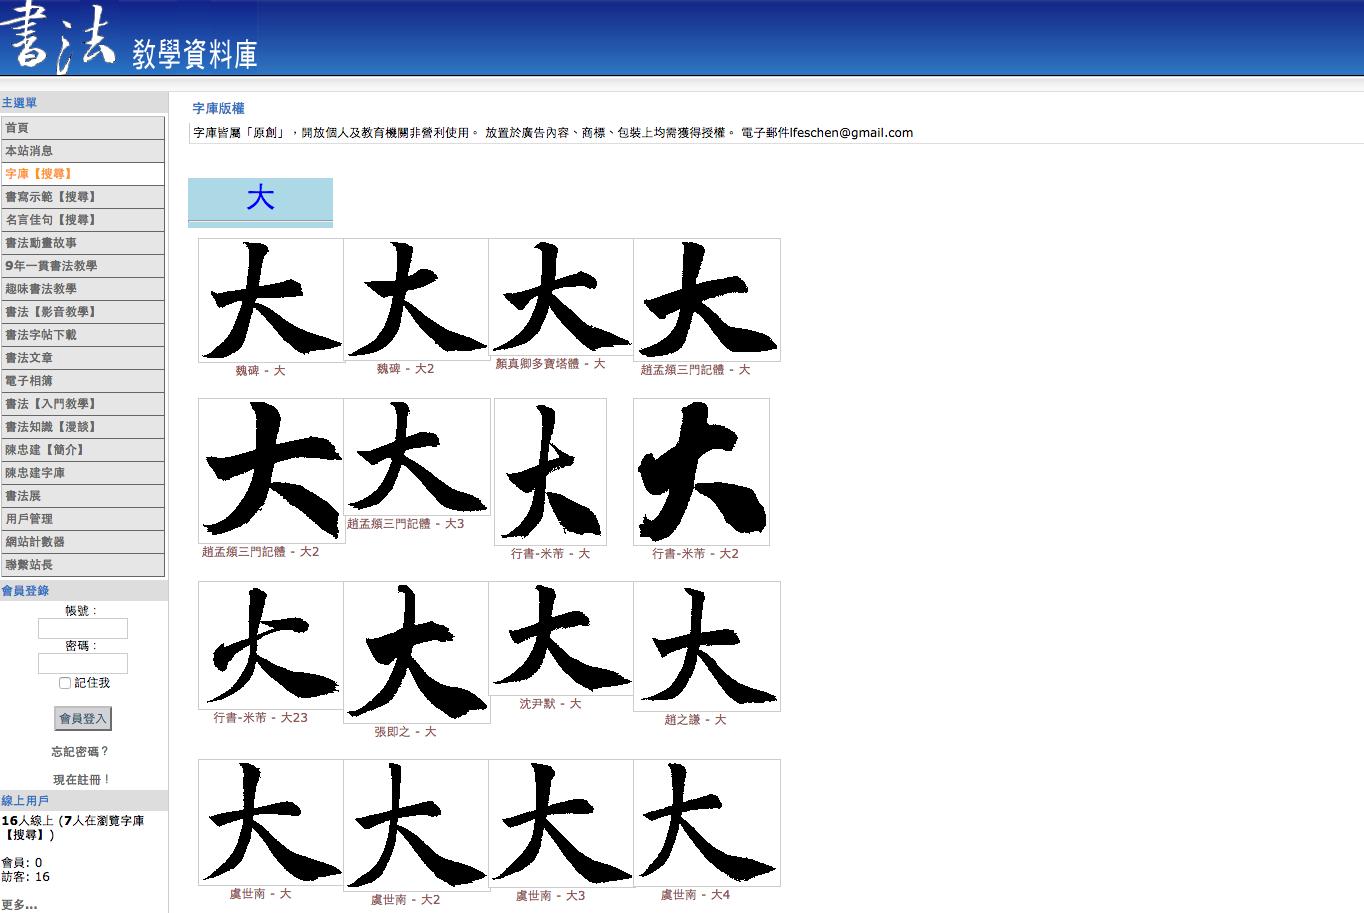 [設計]中文書法字型網站分享 @ 大倪口袋筆記 :: 痞客邦